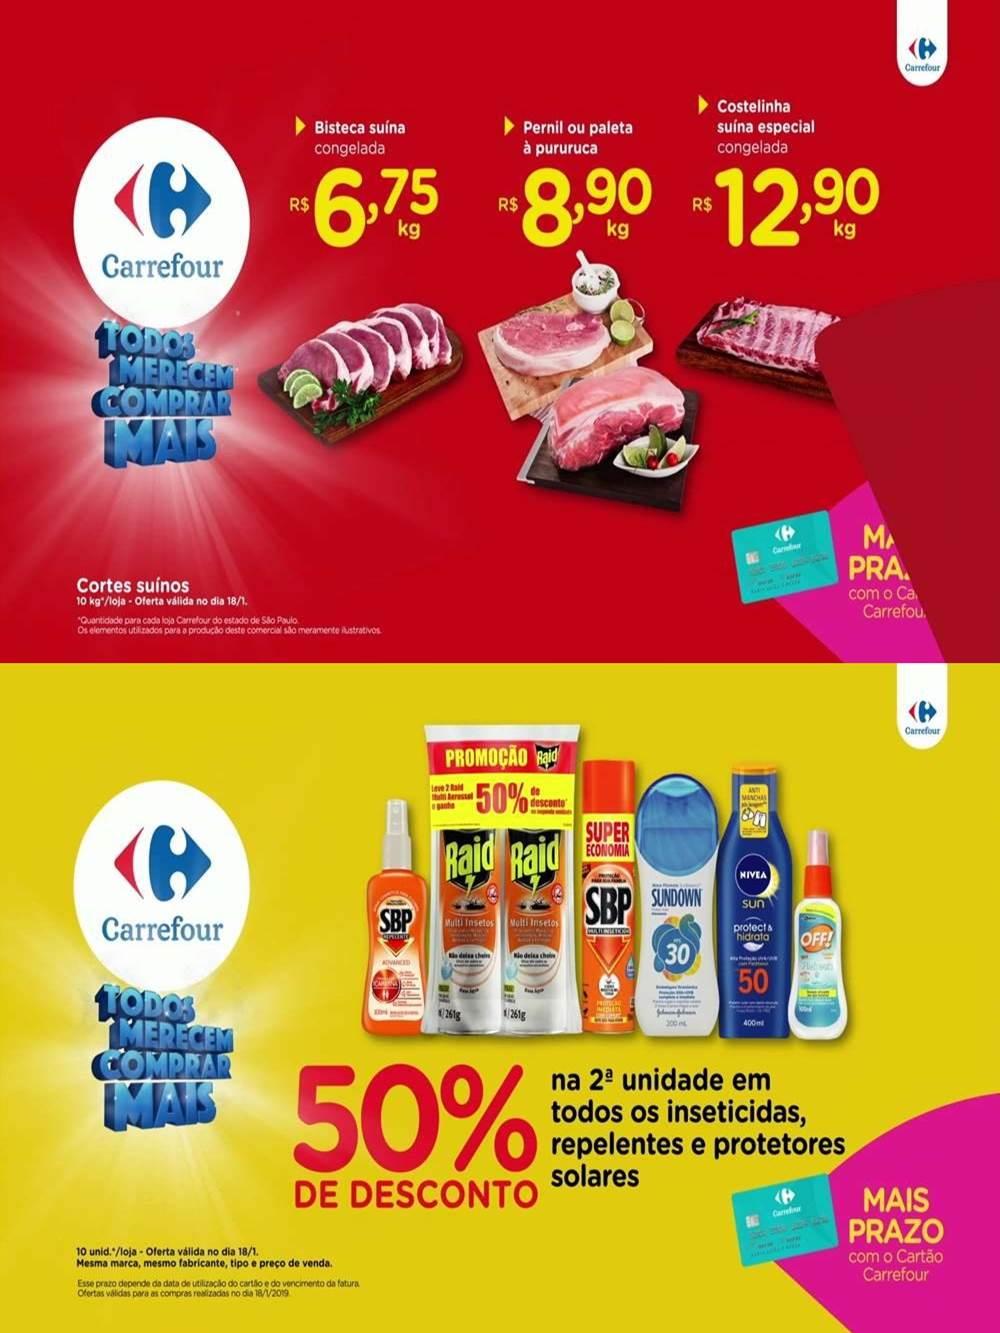 carrefour-ofertas-1-1000x800-1 Ofertas de Supermercados - Economize!